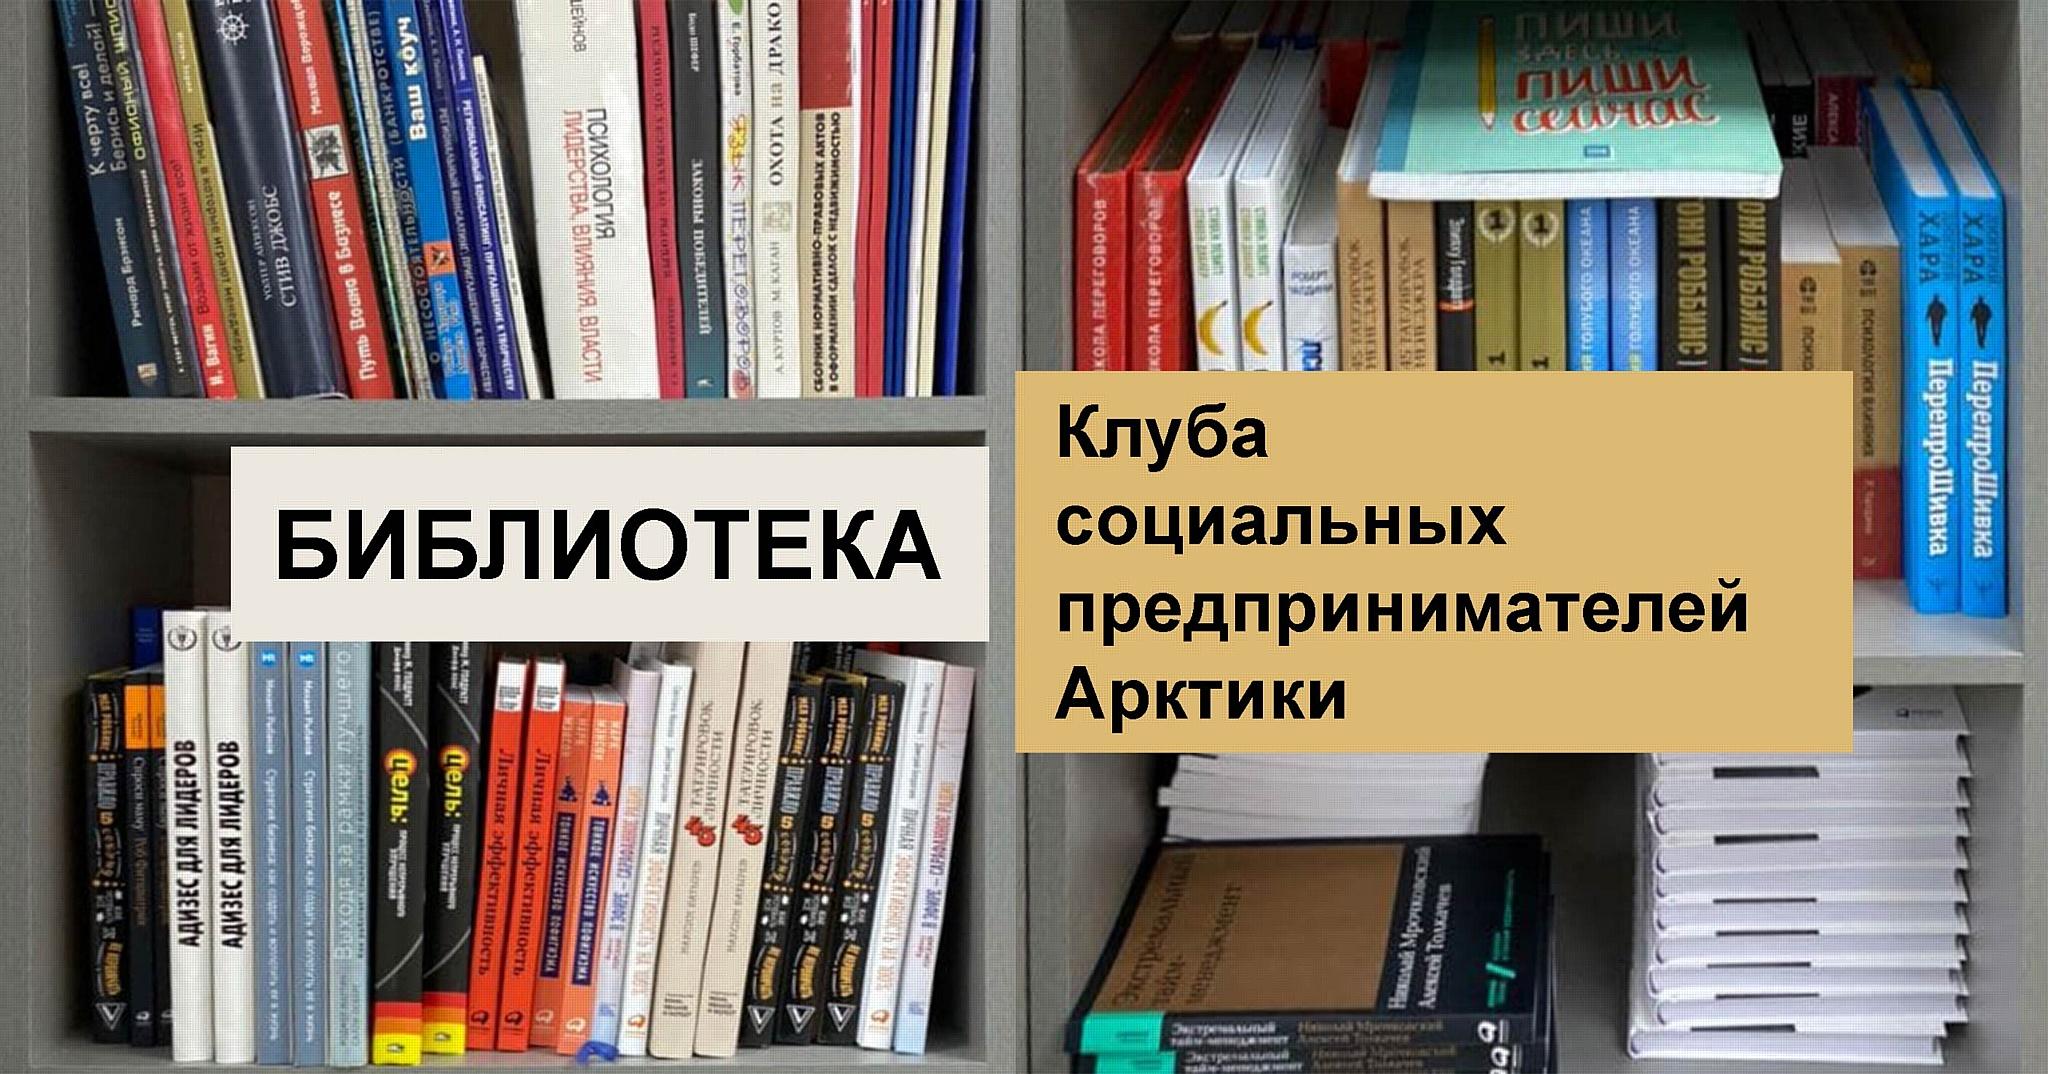 В Норильске создается библиотека социального предпринимательства